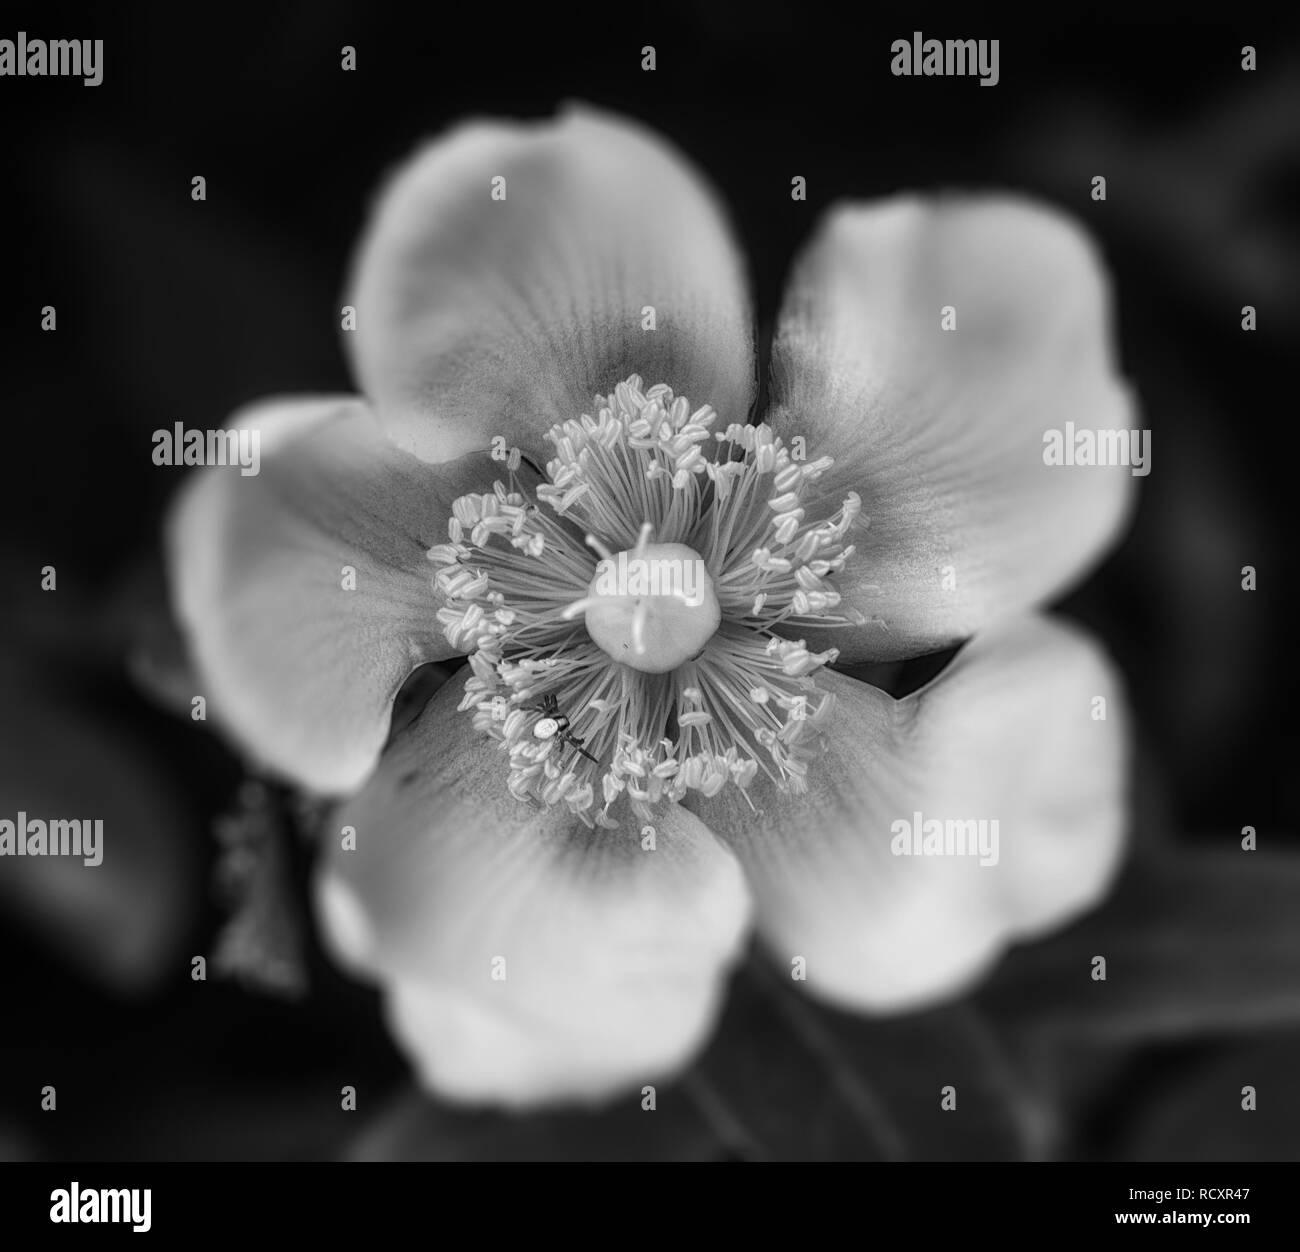 Monocromo Imagen floral exterior de una sola rosa silvestre aislado con una pequeña araña en la flor,natural fondo borroso,un día soleado de verano Imagen De Stock